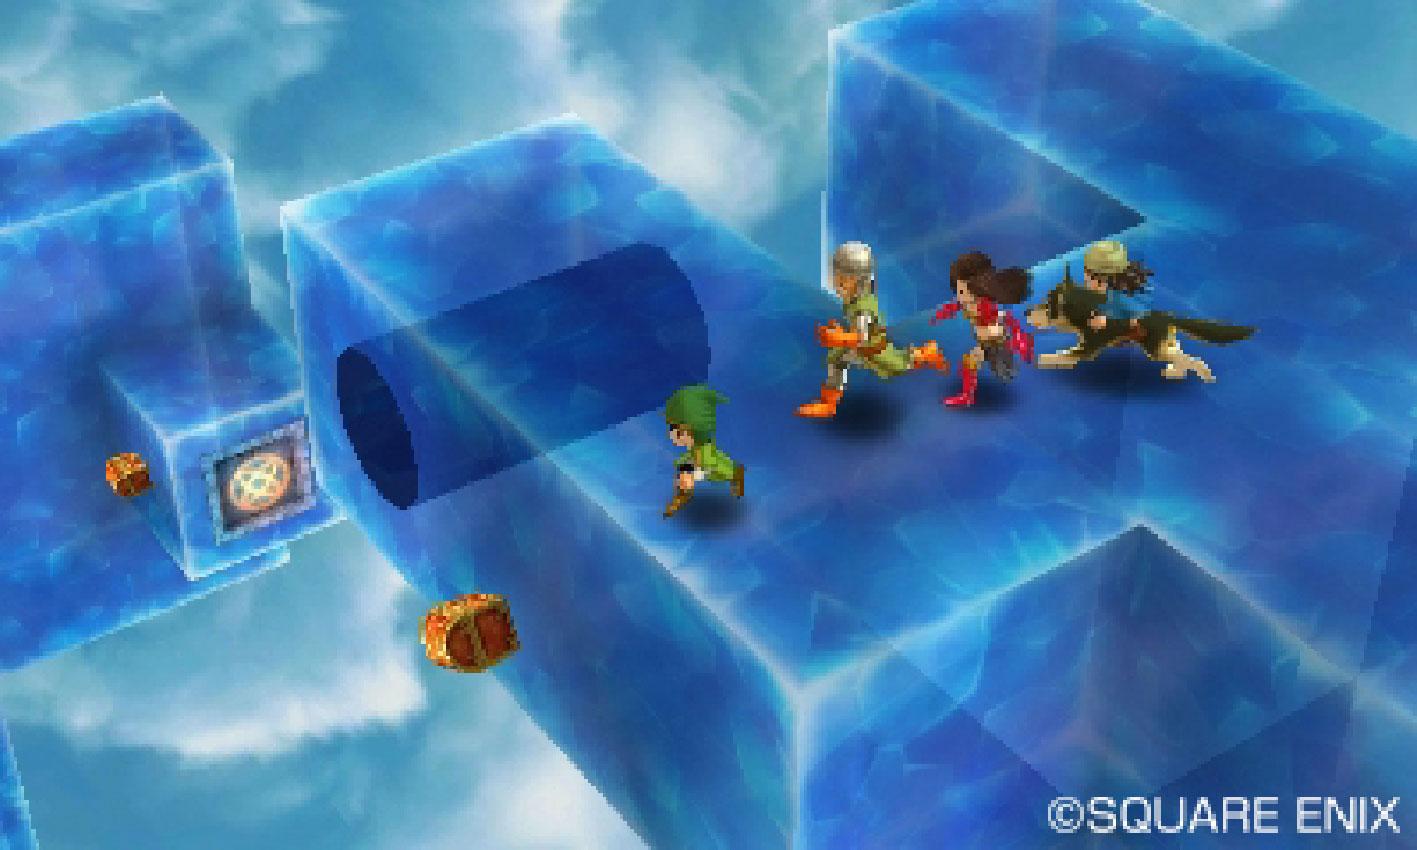 """16 Jahre nach seinem PSone-Debüt feiert Square Enix' RPG-Klassiker  """"Dragon Quest 7"""" sein 3DS-Comeback: Für Serien-Fans ist die visuell liebevoll überarbeitete Version ein echter Pflichtkauf • ab 16.09. für 3DS"""